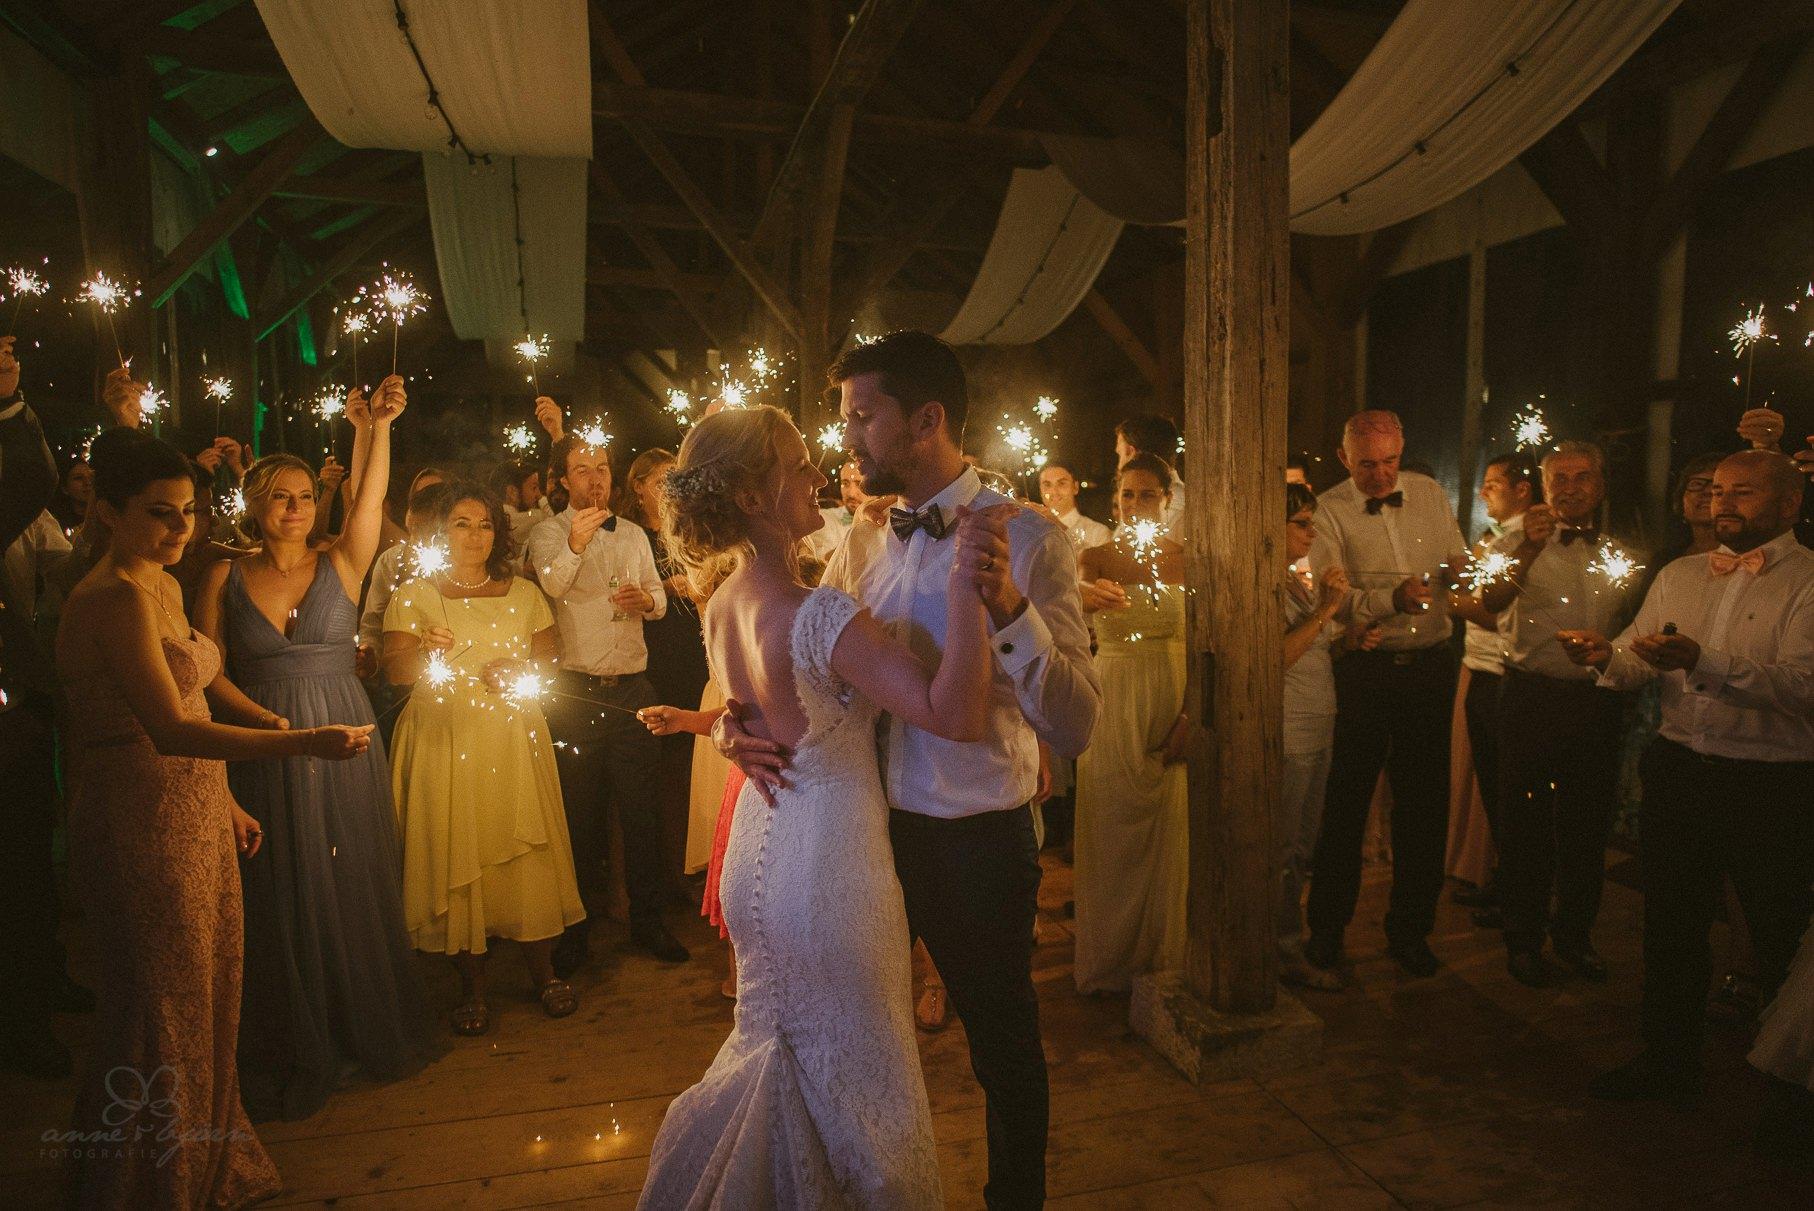 0146 anne und bjoern hochzeit schweiz d75 2547 - DIY Hochzeit in der Schweiz - Sabrina & Christoph